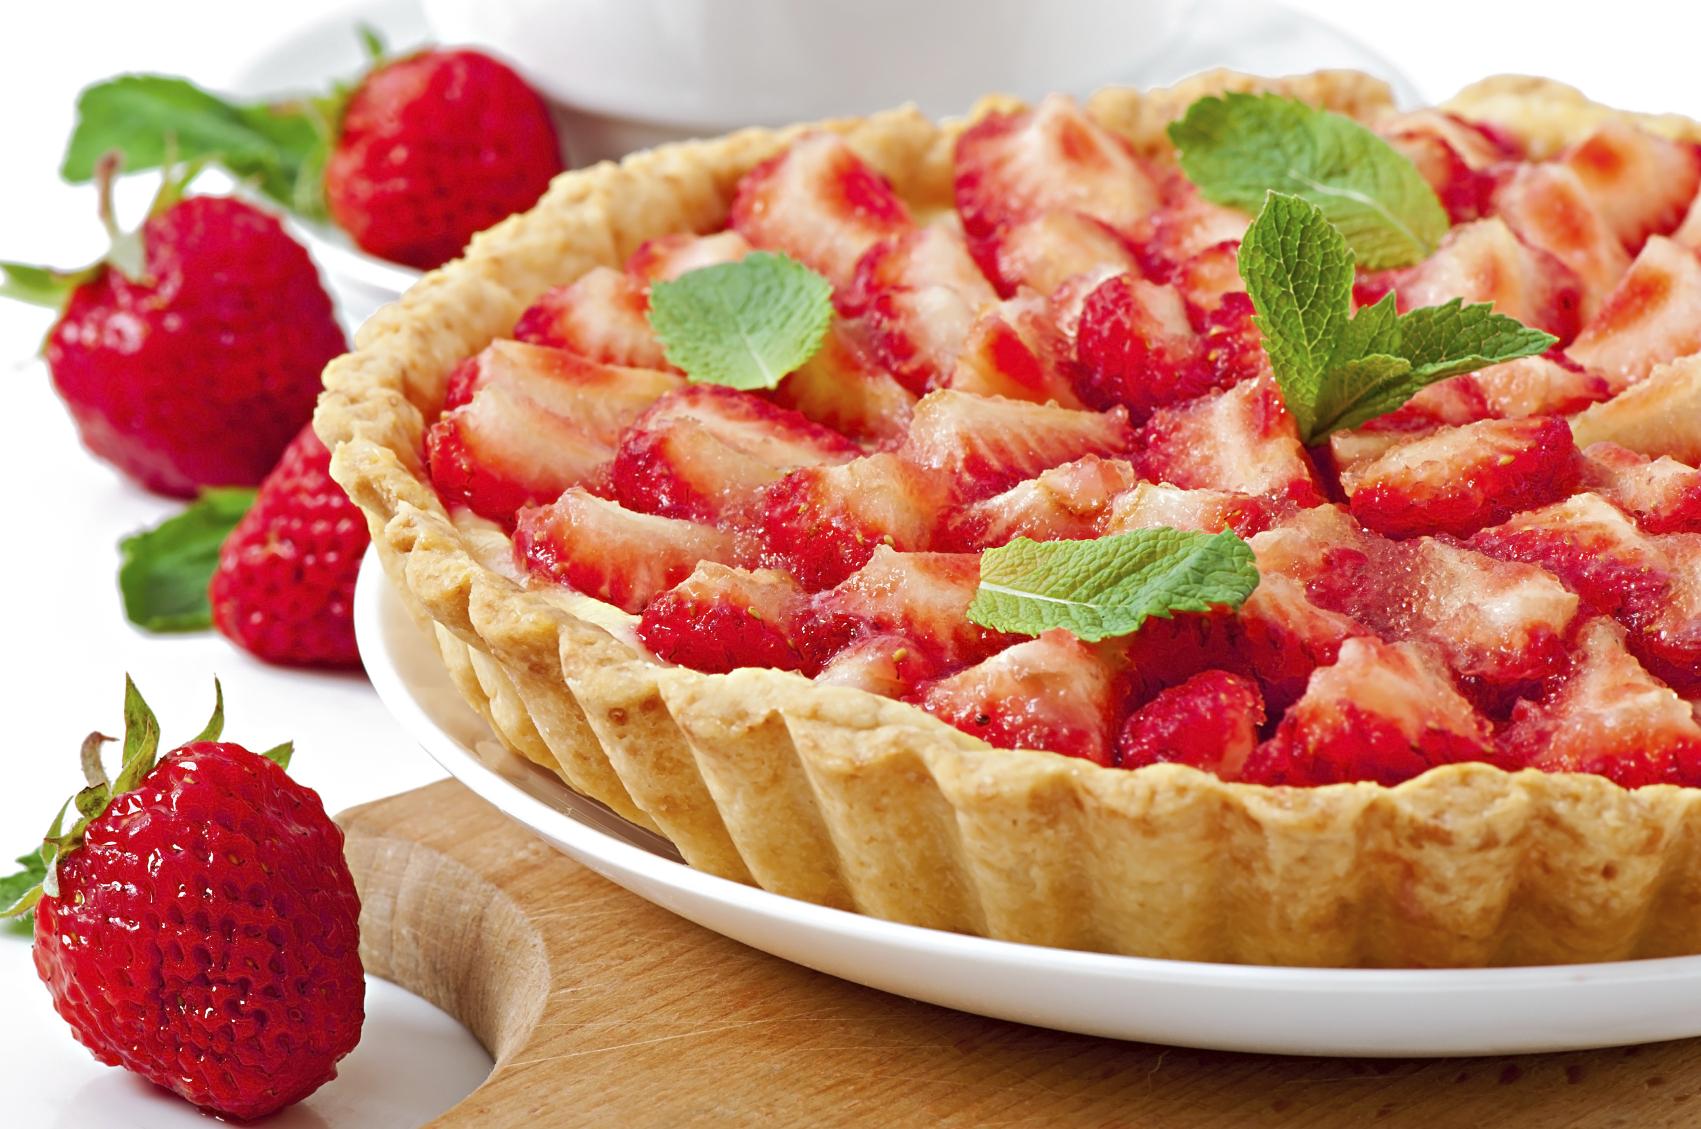 Ricotta and fresh strawberry almond pastry pi- Torta tal-irkotta u frawli frisk, b'għaġina tal-lewż